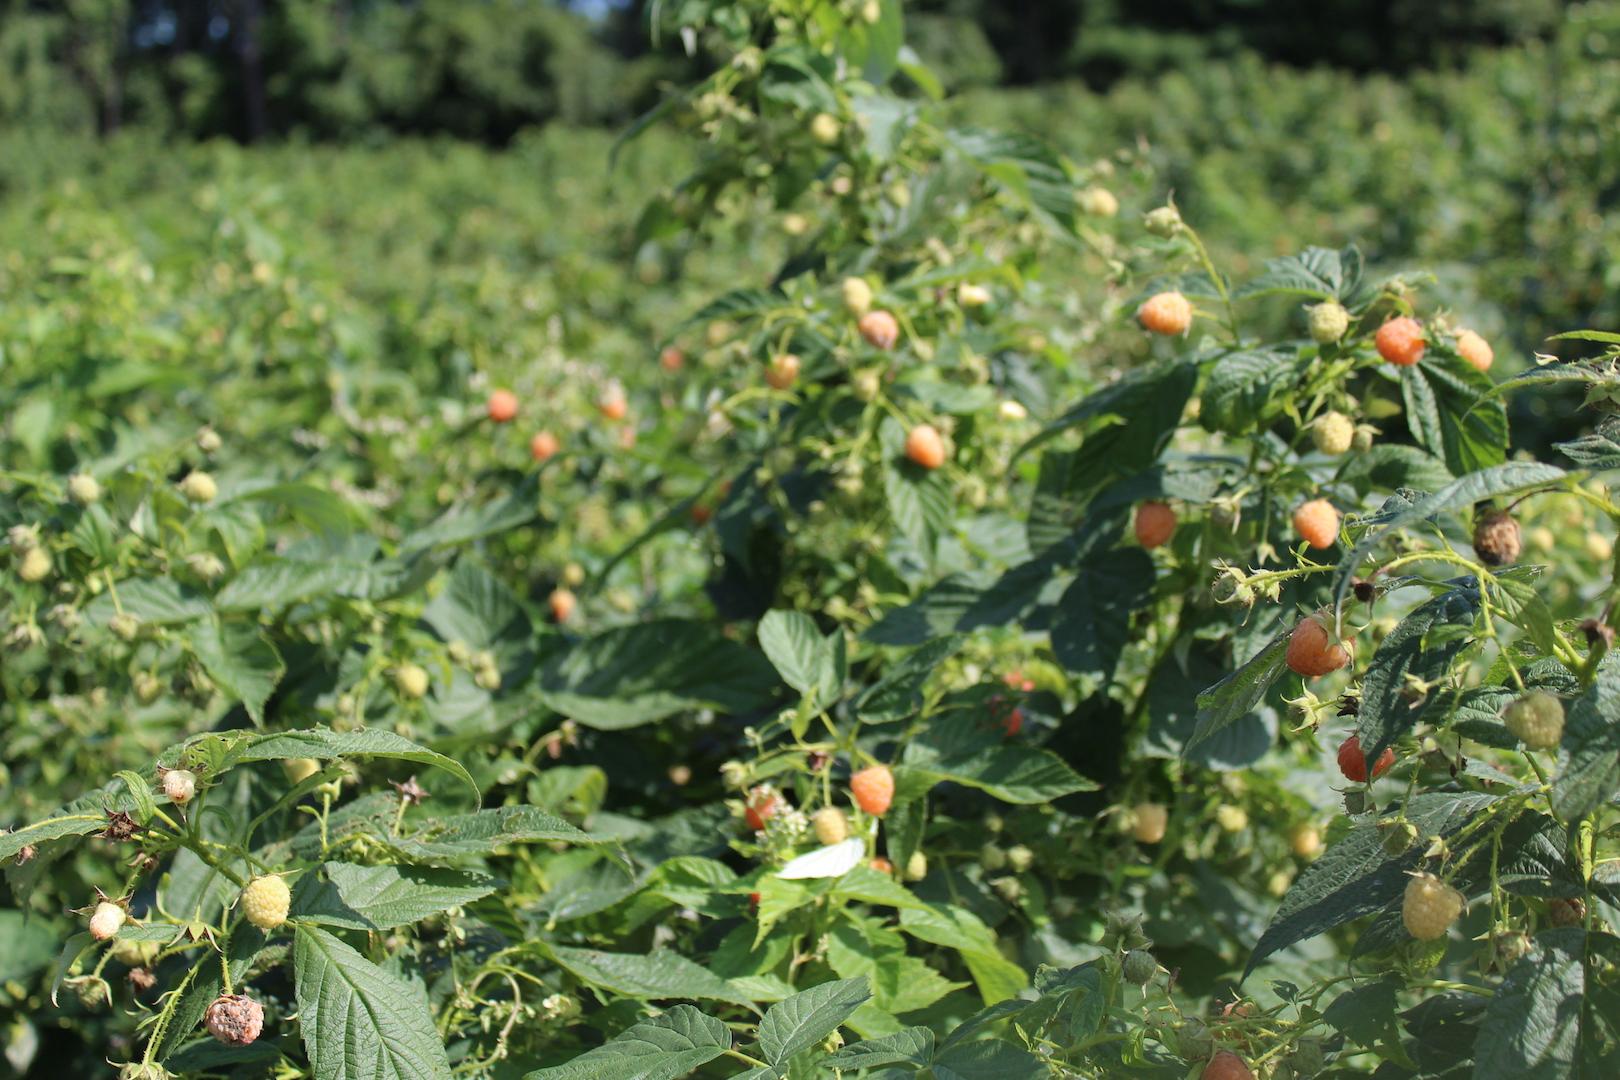 Pick Your Own Golden Raspberries